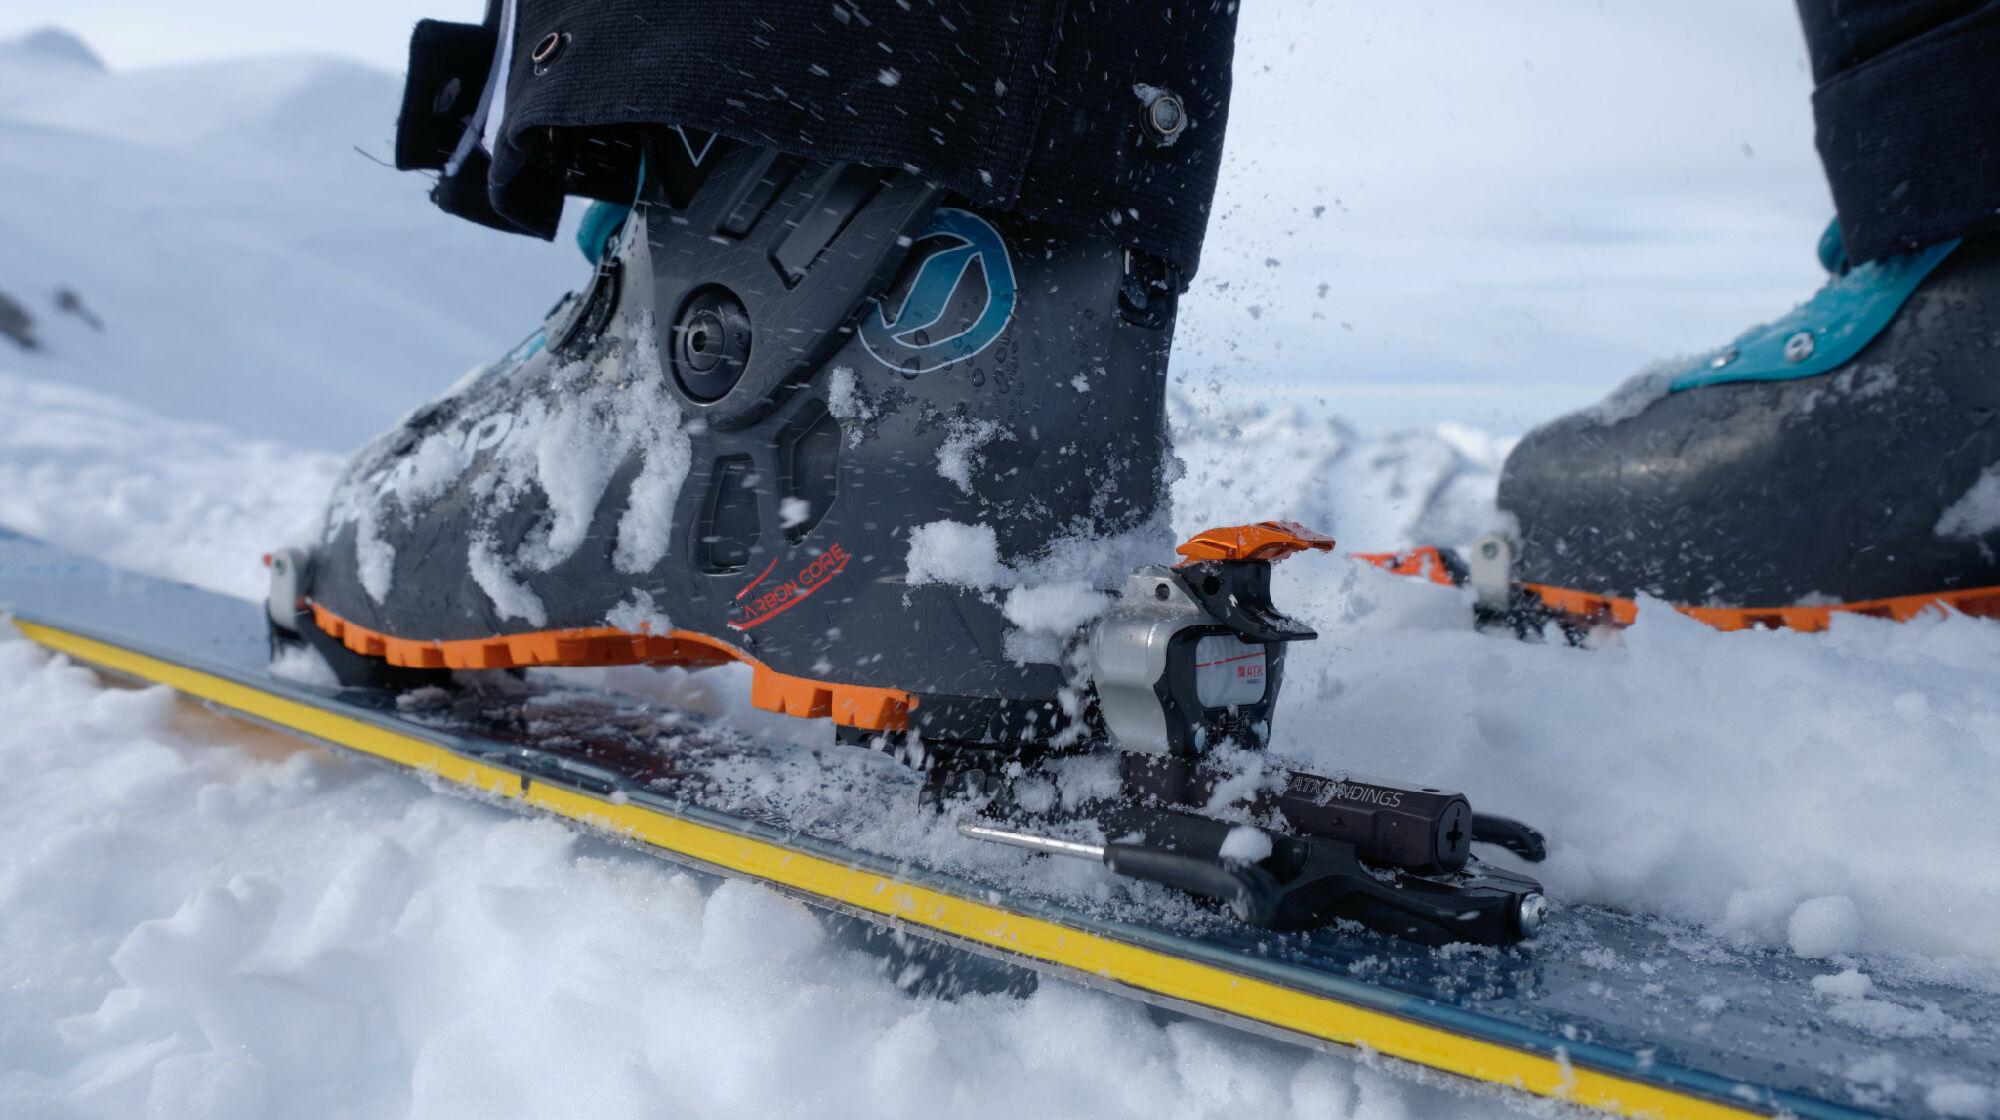 Skitourenbindung von ATK Bindings